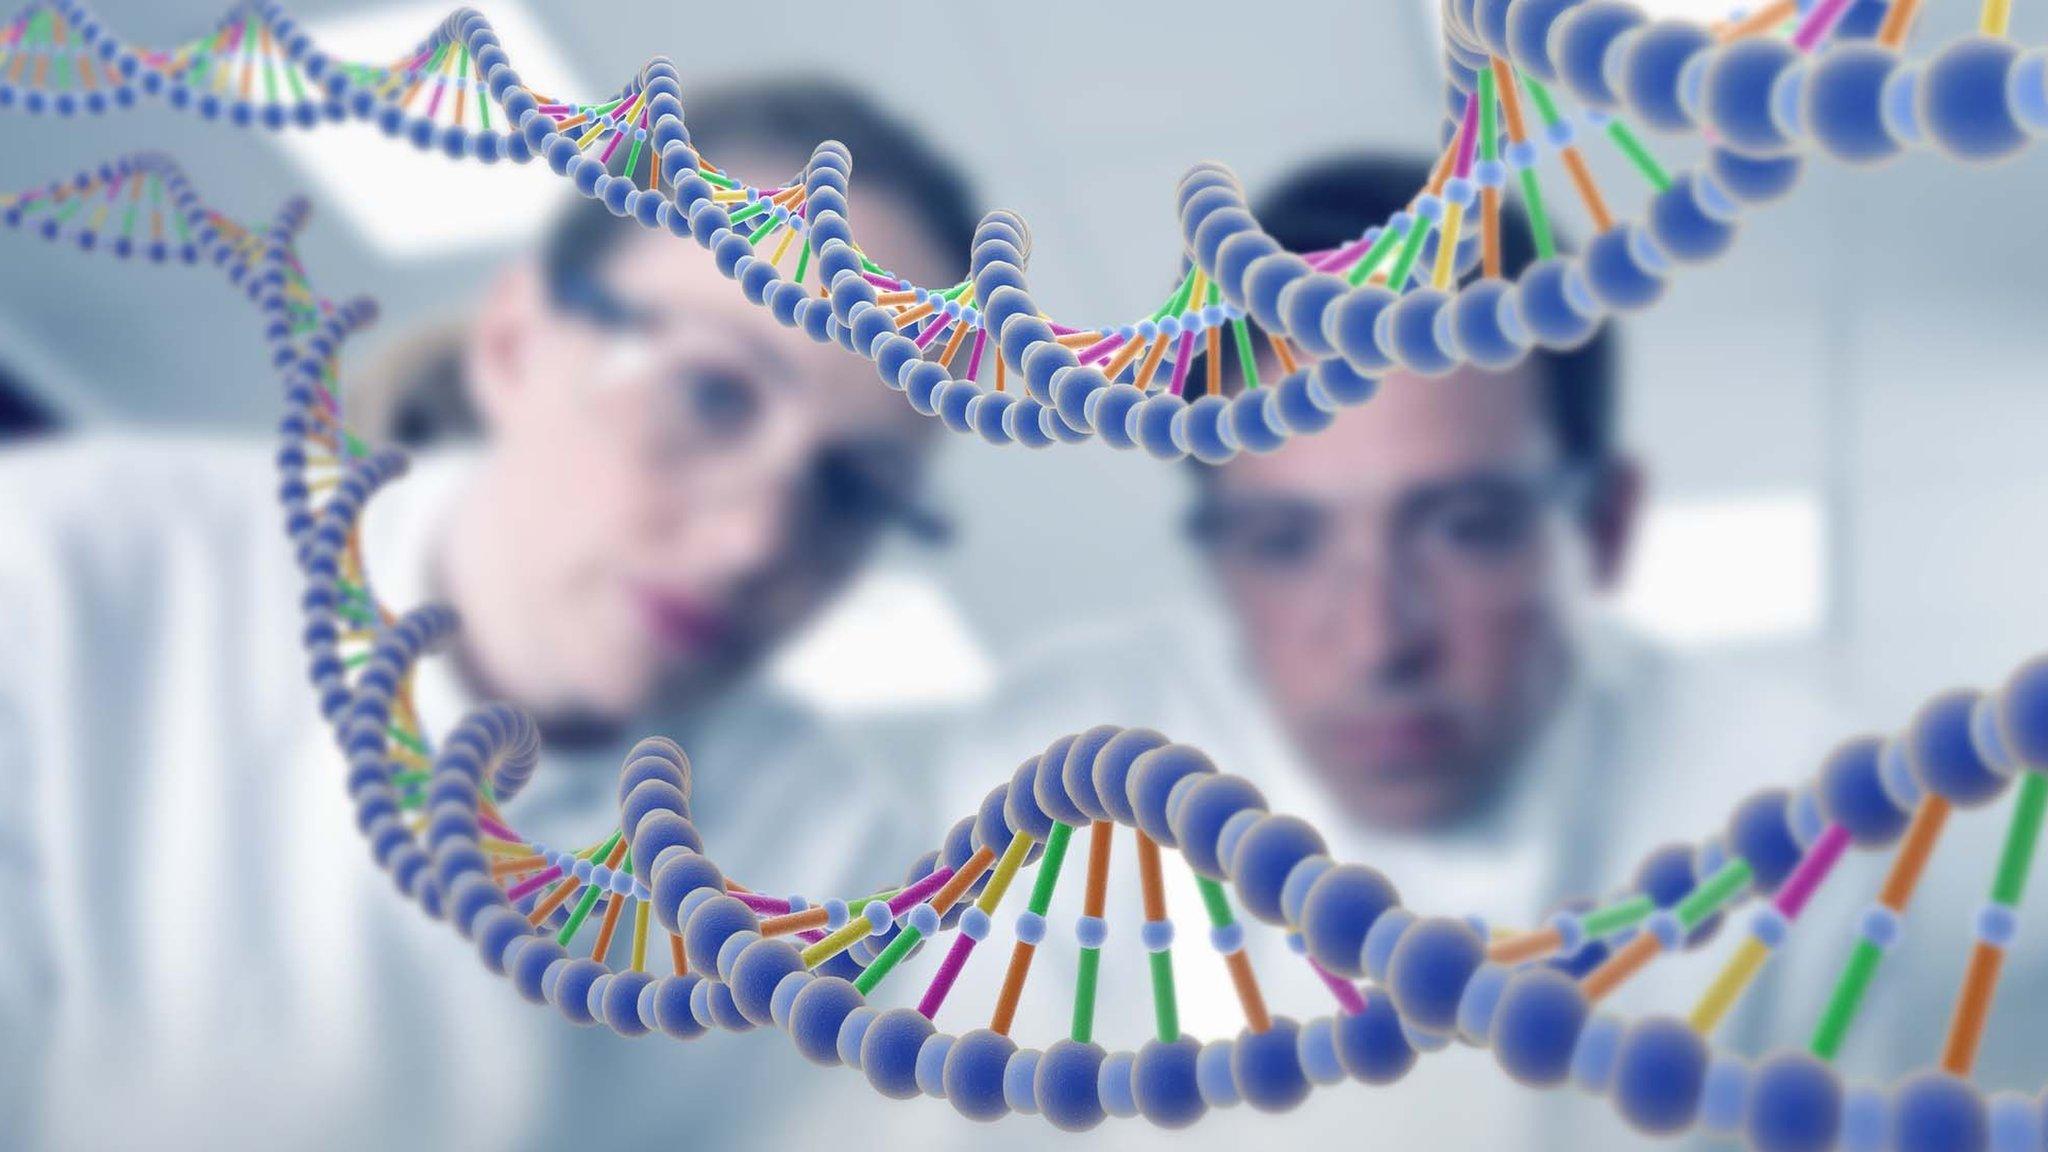 Cientificos miran una secuencia de ADN